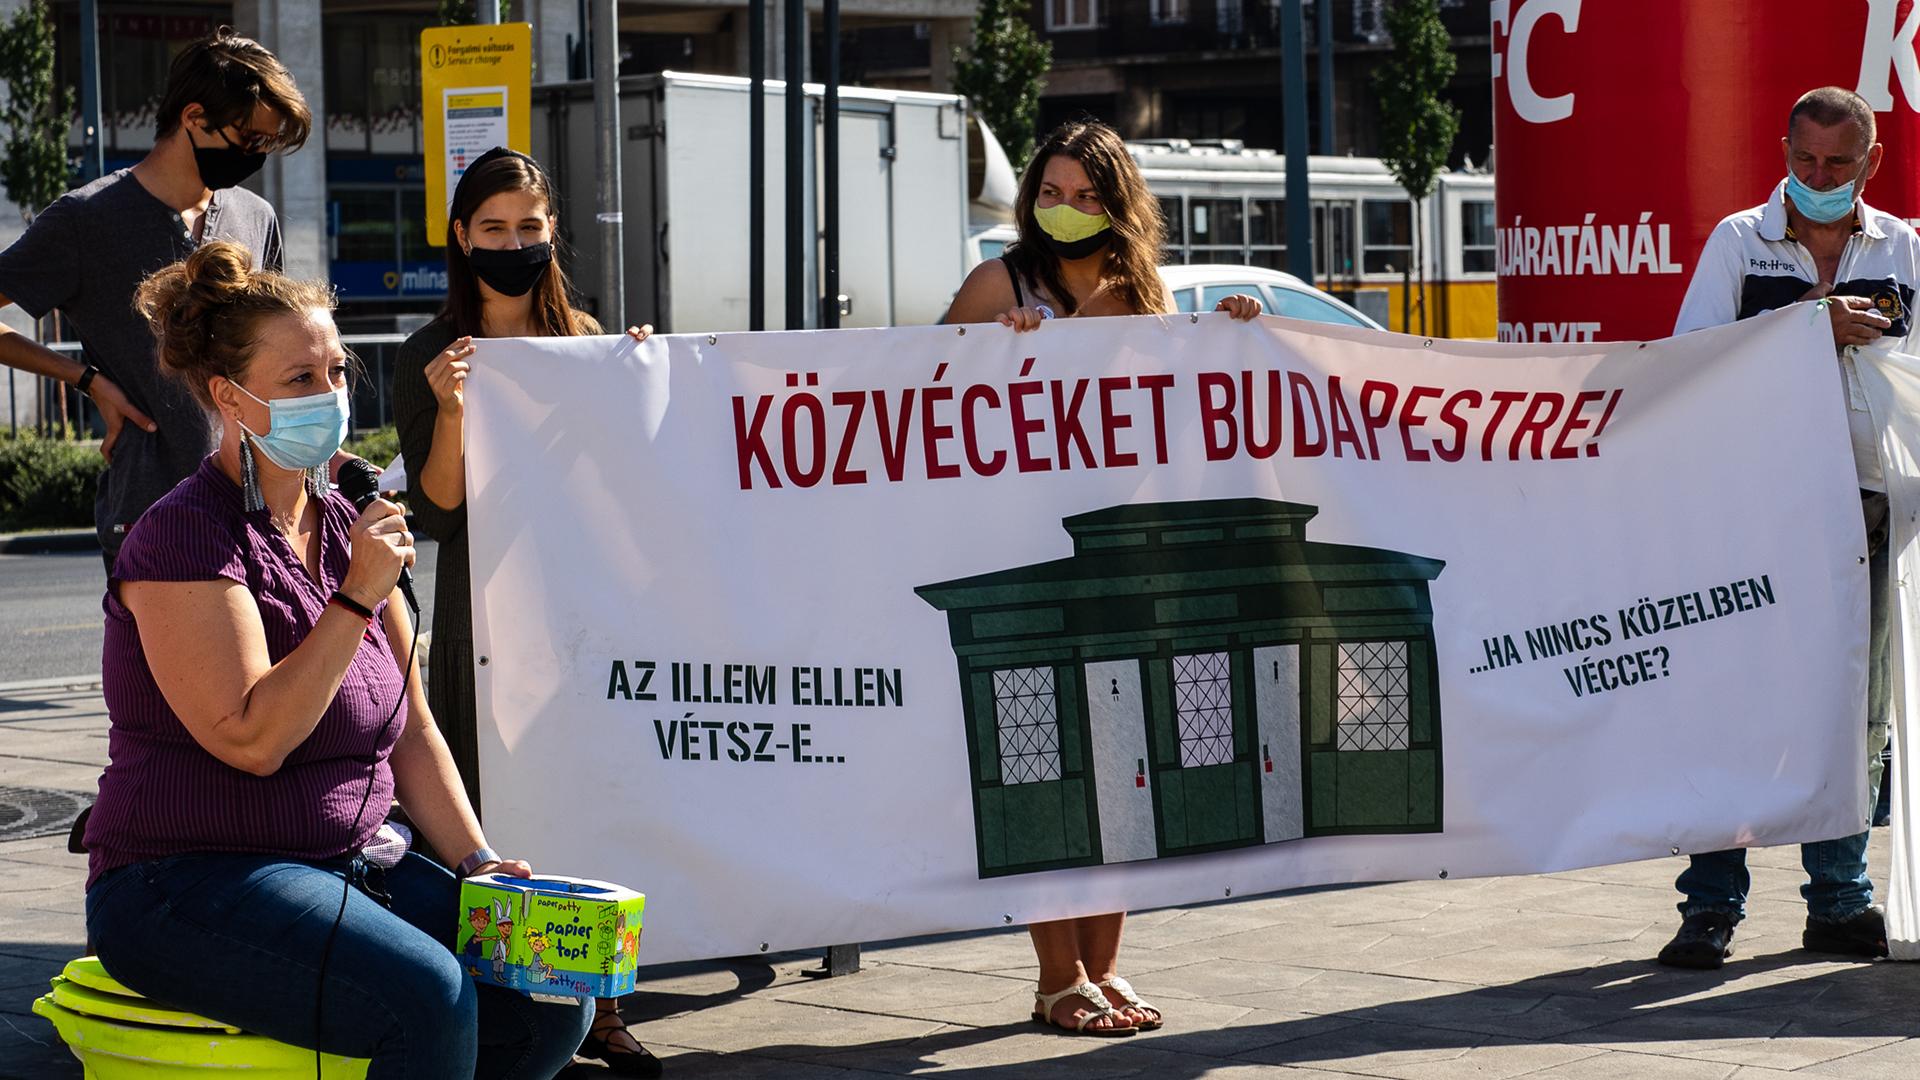 Egy figyelemfelkeltő akció miatt letöltendő börtönbüntetést kaphatnak az AVM aktivistái